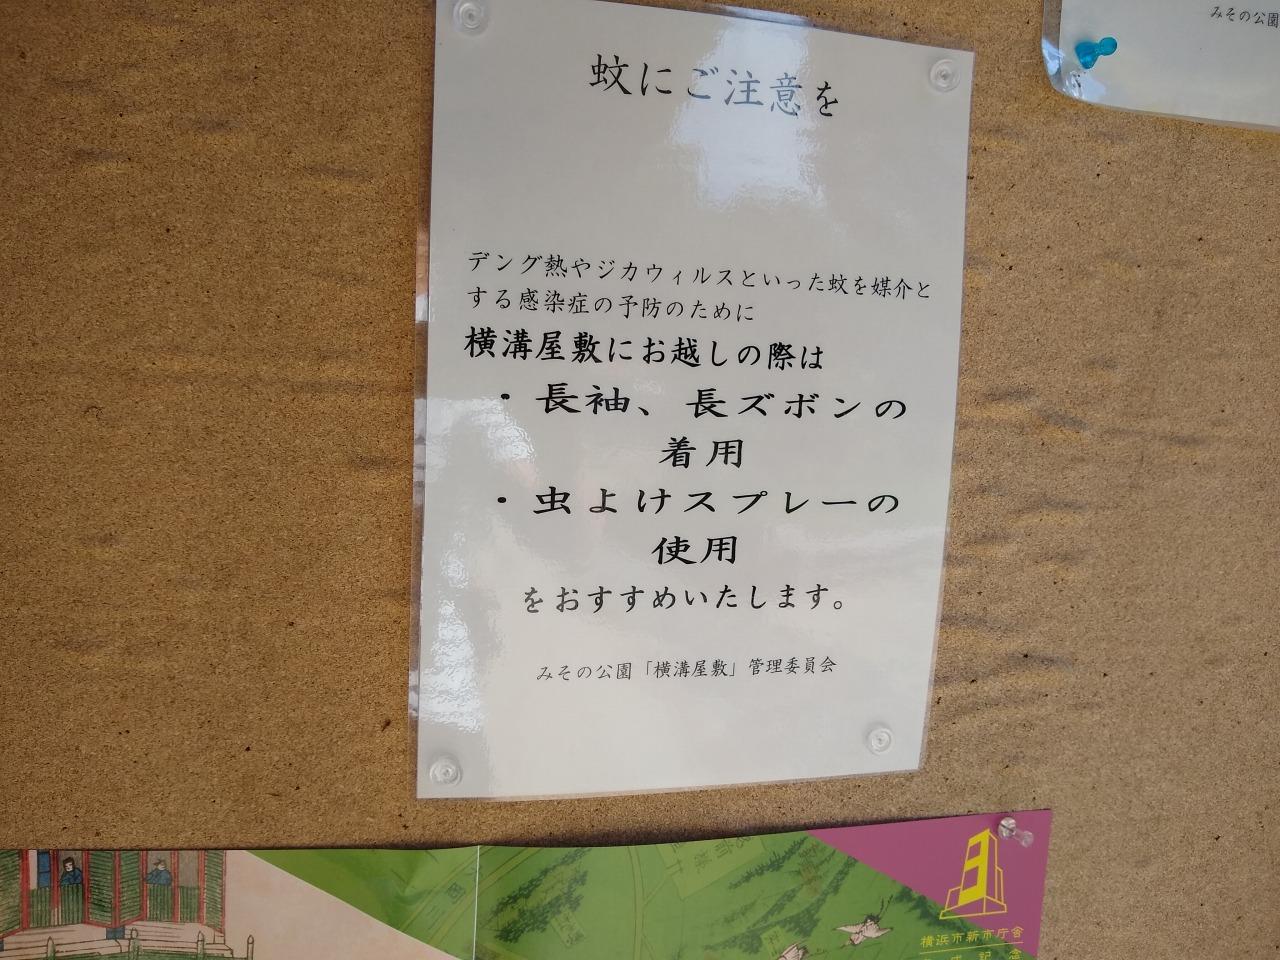 横溝屋敷(蚊に注意)